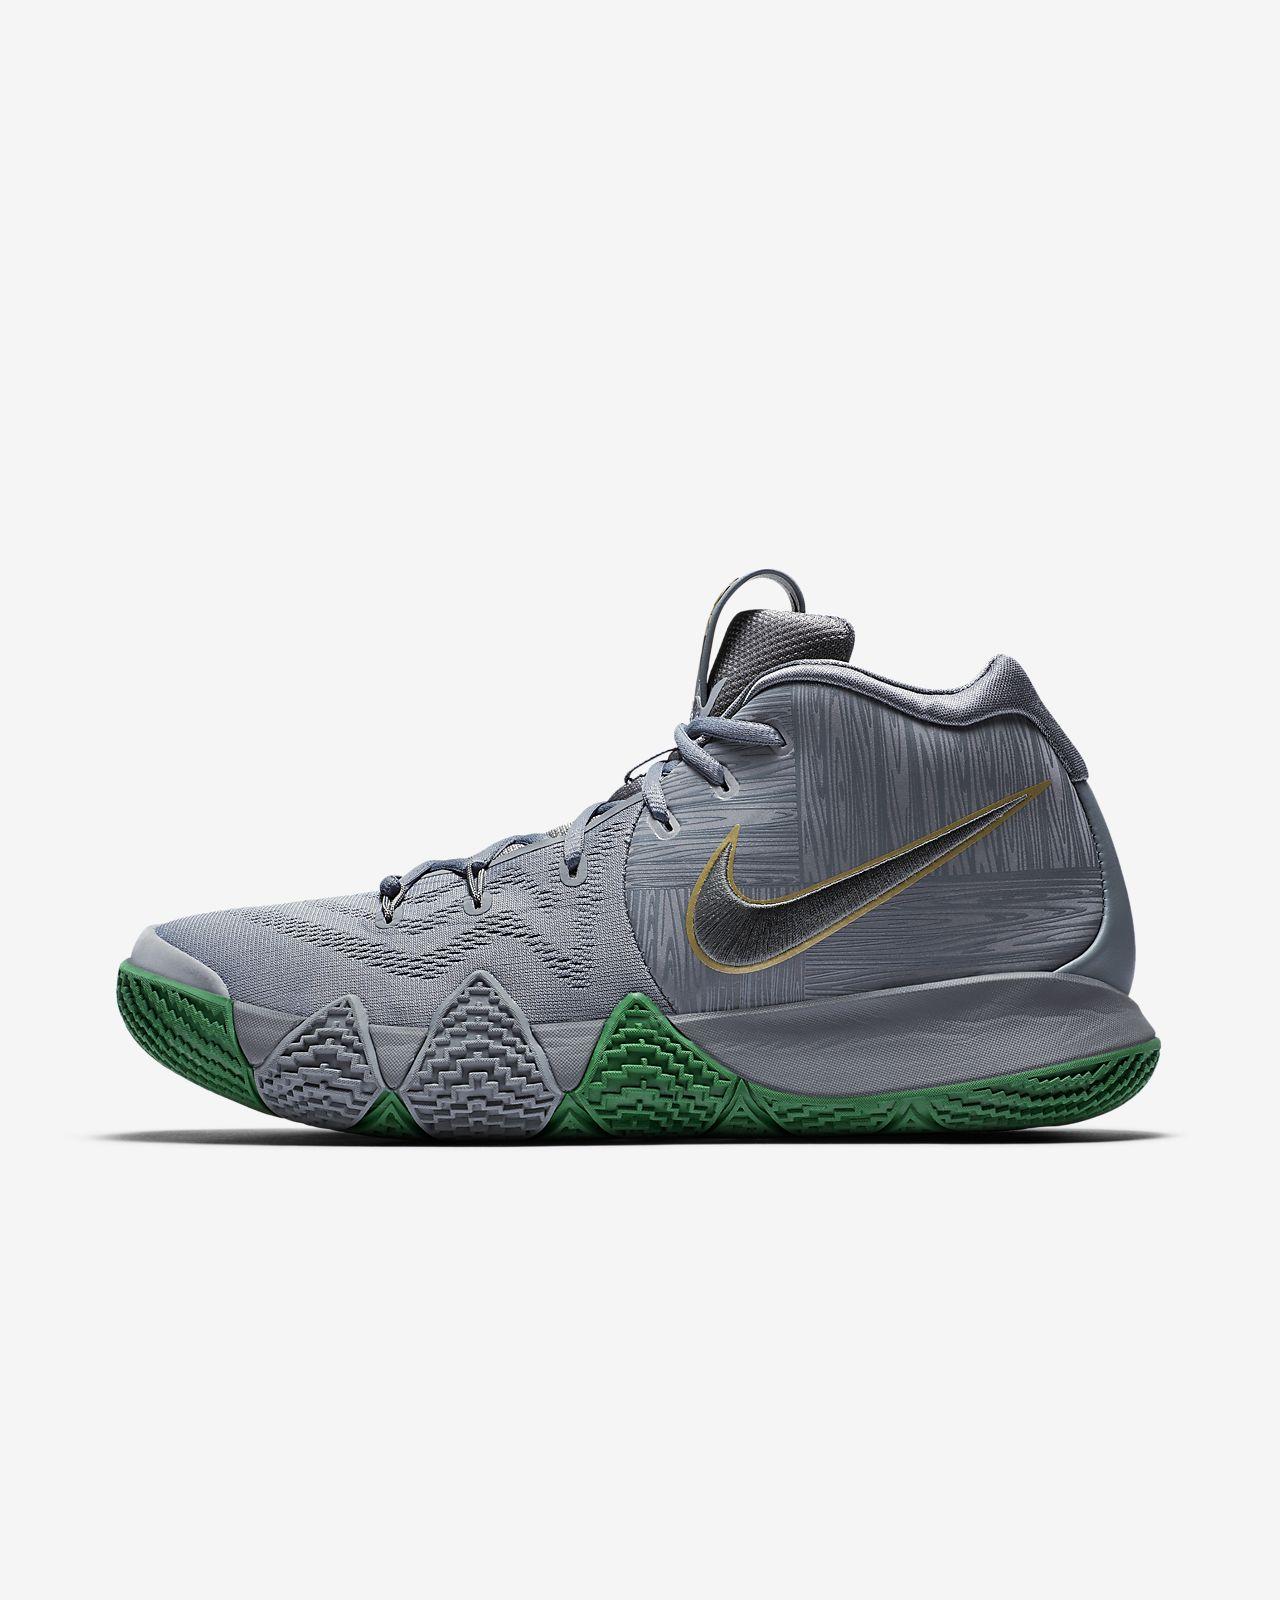 ... Chaussure de basketball Kyrie 4